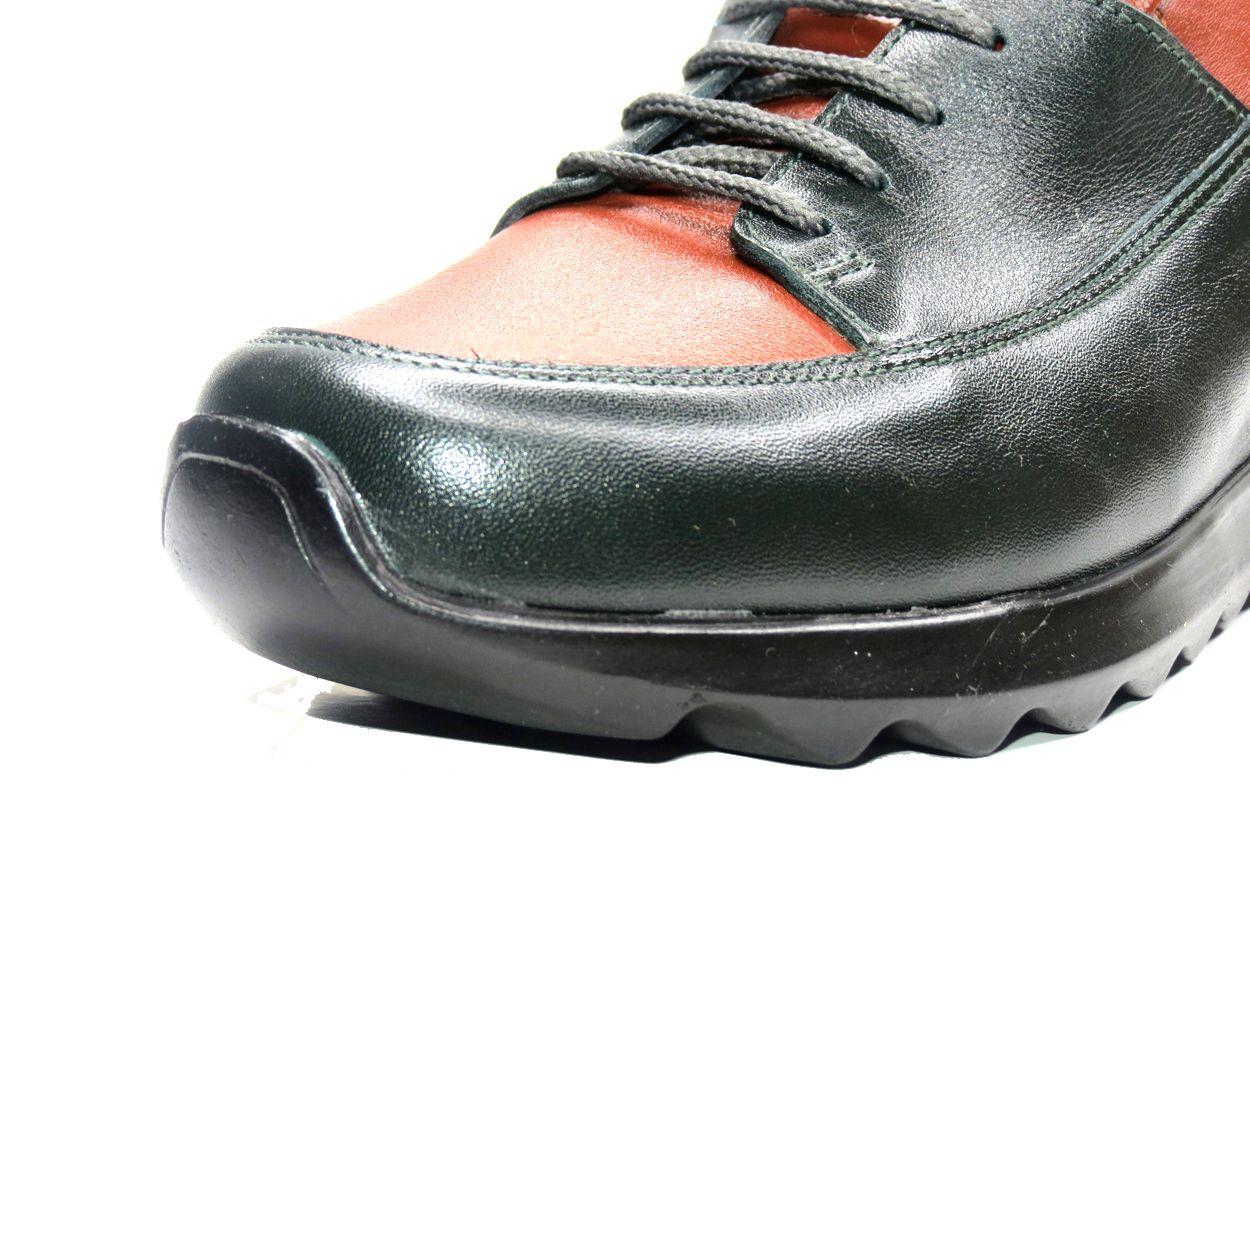 کفش روزمره زنانه آر اند دبلیو مدل 416 رنگ یشمی -  - 10